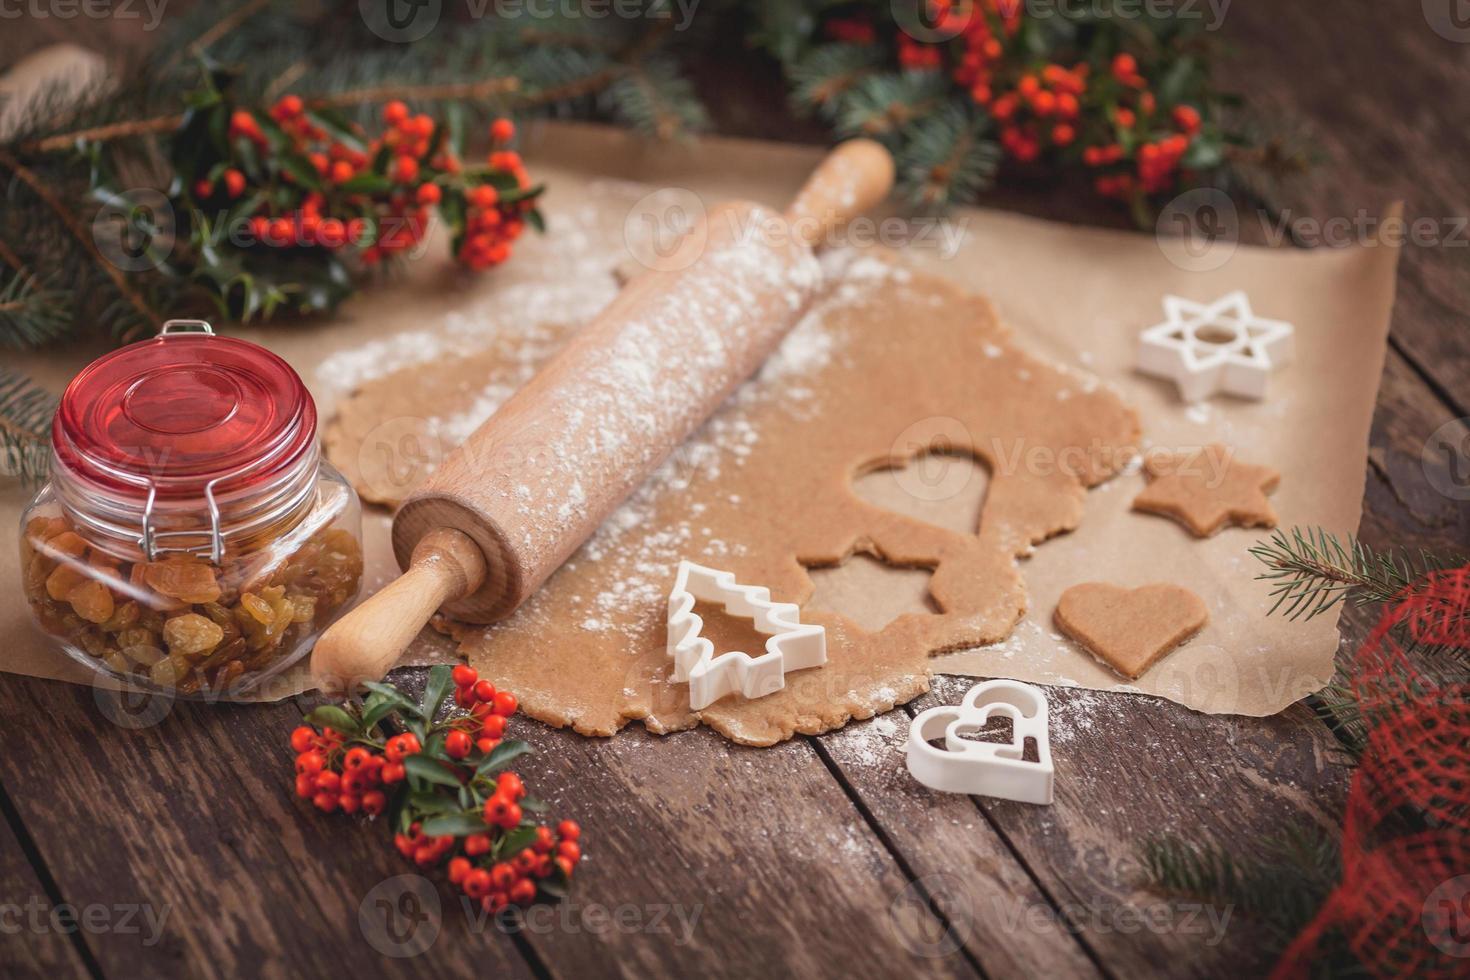 el proceso de hornear galletas caseras foto